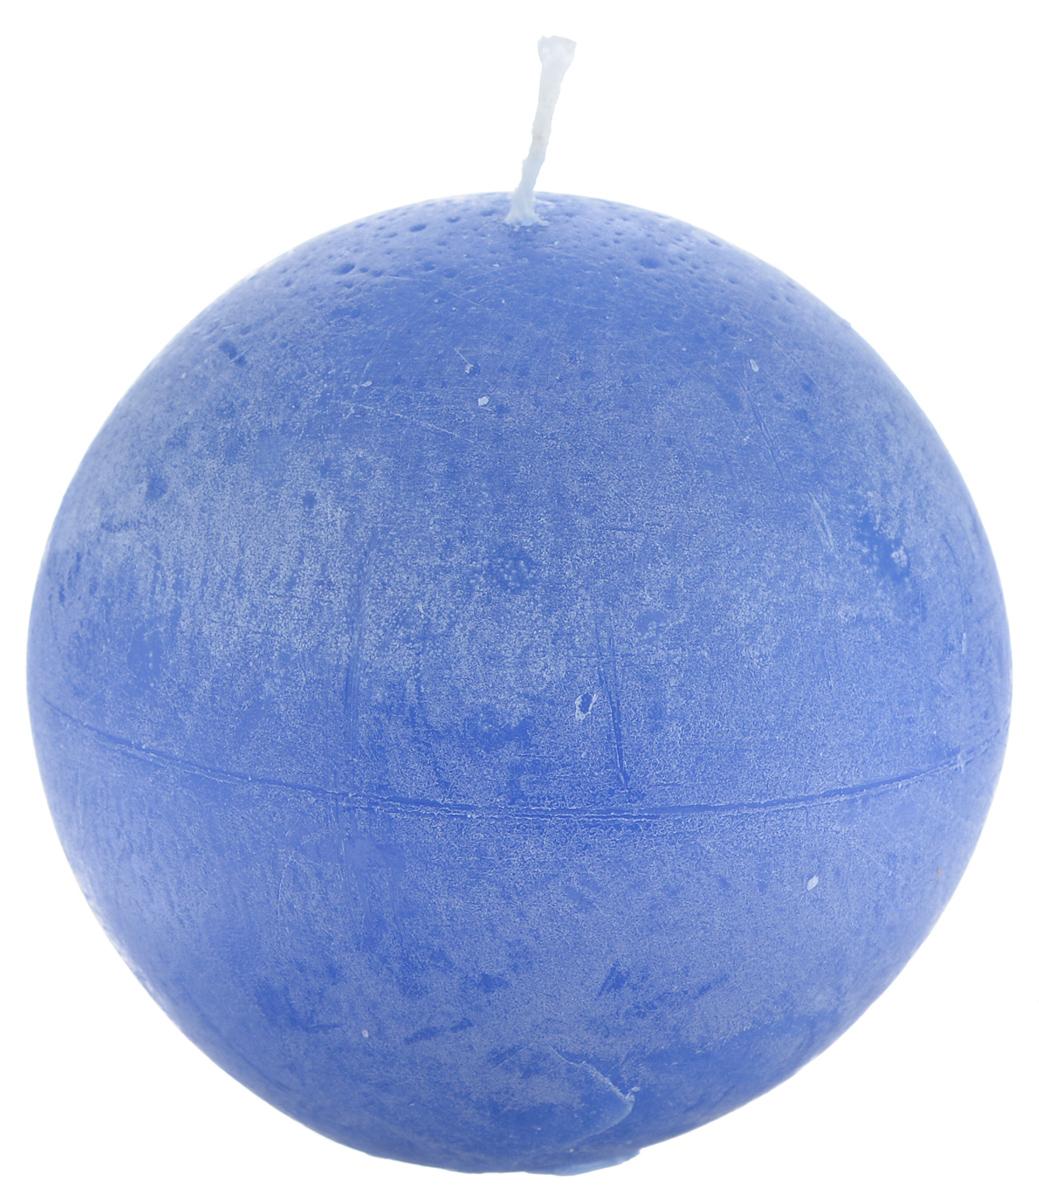 Свеча декоративная Proffi Шар, цвет: синий, диаметр 8,5 смPH3463Шарообразная декоративная свеча Proffi Шар изготовлена из парафина и стеарина. Предназначена для освещения и украшения помещений. Такая свеча может стать отличным подарком или дополнить интерьер вашей спальни или гостиной.